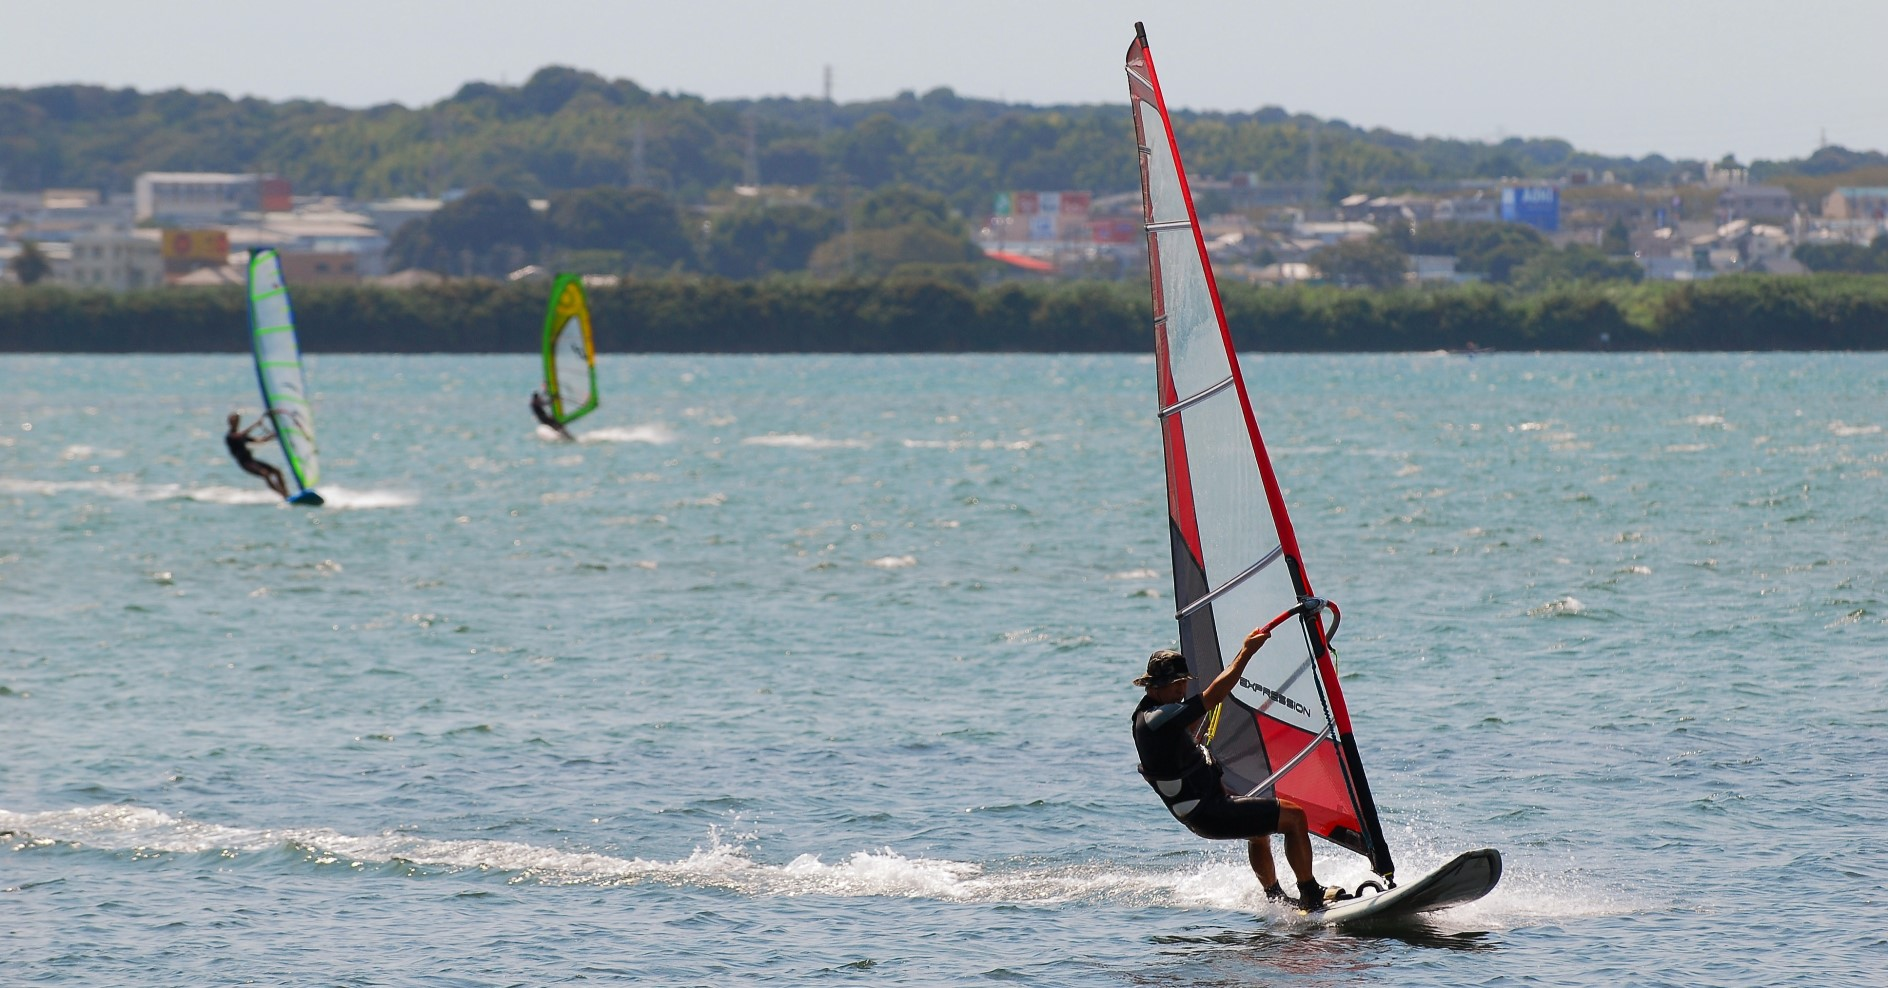 浜名湖・遠州灘では、様々なビーチ・マリンスポーツが楽しめます。